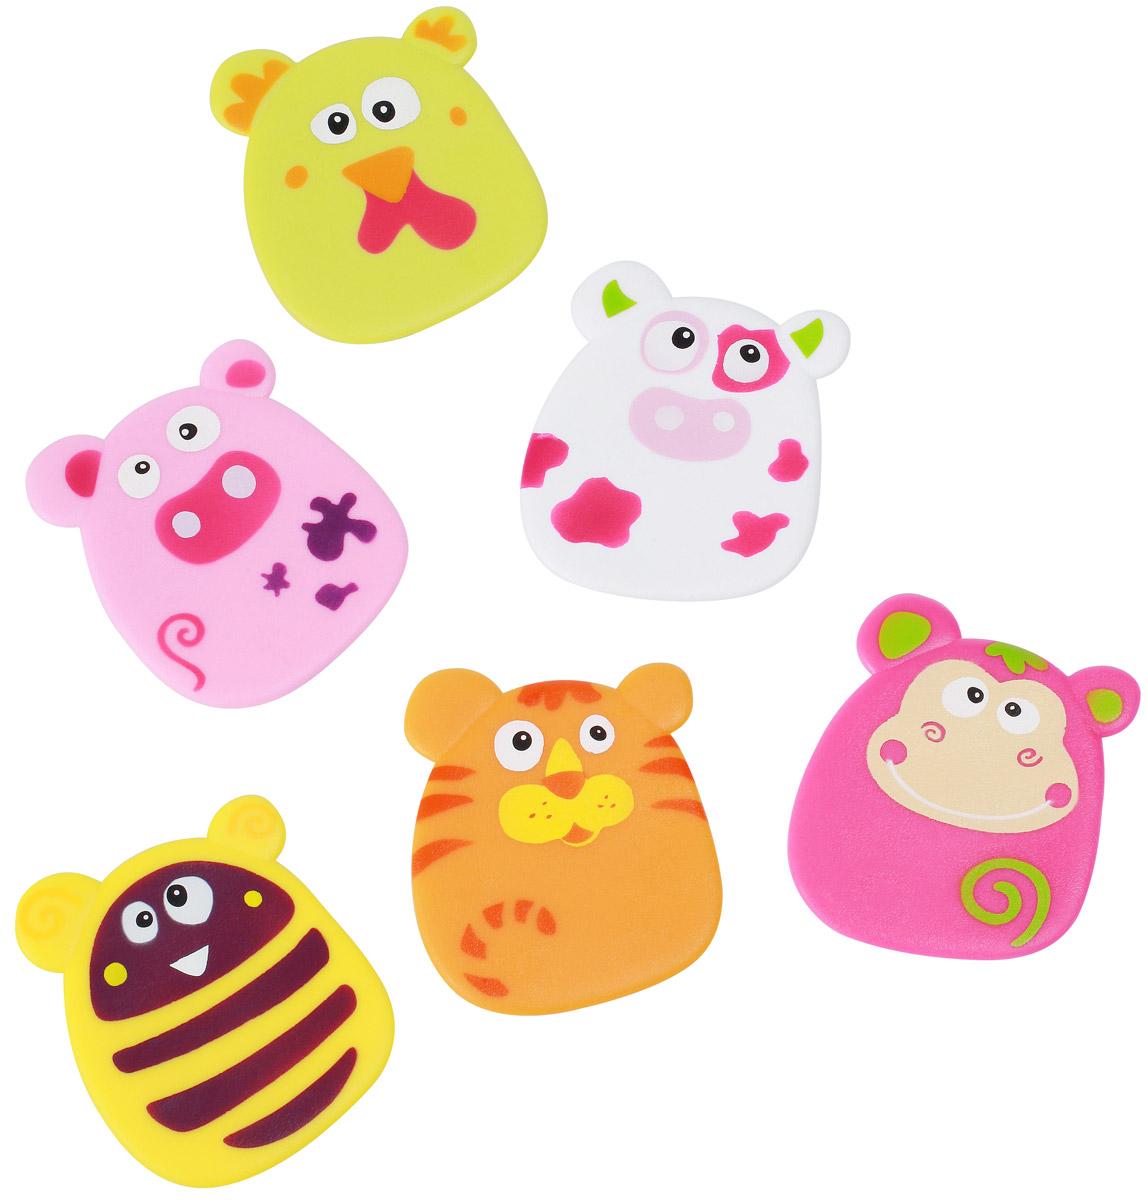 BabyOno Набор игрушек для ванной Funny цвет розовый желтый оранжевый 6 шт533Набор игрушек для ванной BabyOno Funny создан специально для того, чтобы малыш смог весело играть в ванной во время купания, не боясь при этом поскользнуться на мокром дне или полу. Дизайн представлен в виде забавных животных. Игрушки стимулируют развитие воображения и мелкой моторики ребенка. Игрушка может выполнять функции мини-противоскользящих ковриков. С помощью специальных присосок игрушки крепятся к любой поверхности: ванне, плитке, душевой кабине, благодаря чему ребенок может их перемещать в любое место. В наборе 6 игрушек. Товар сертифицирован.